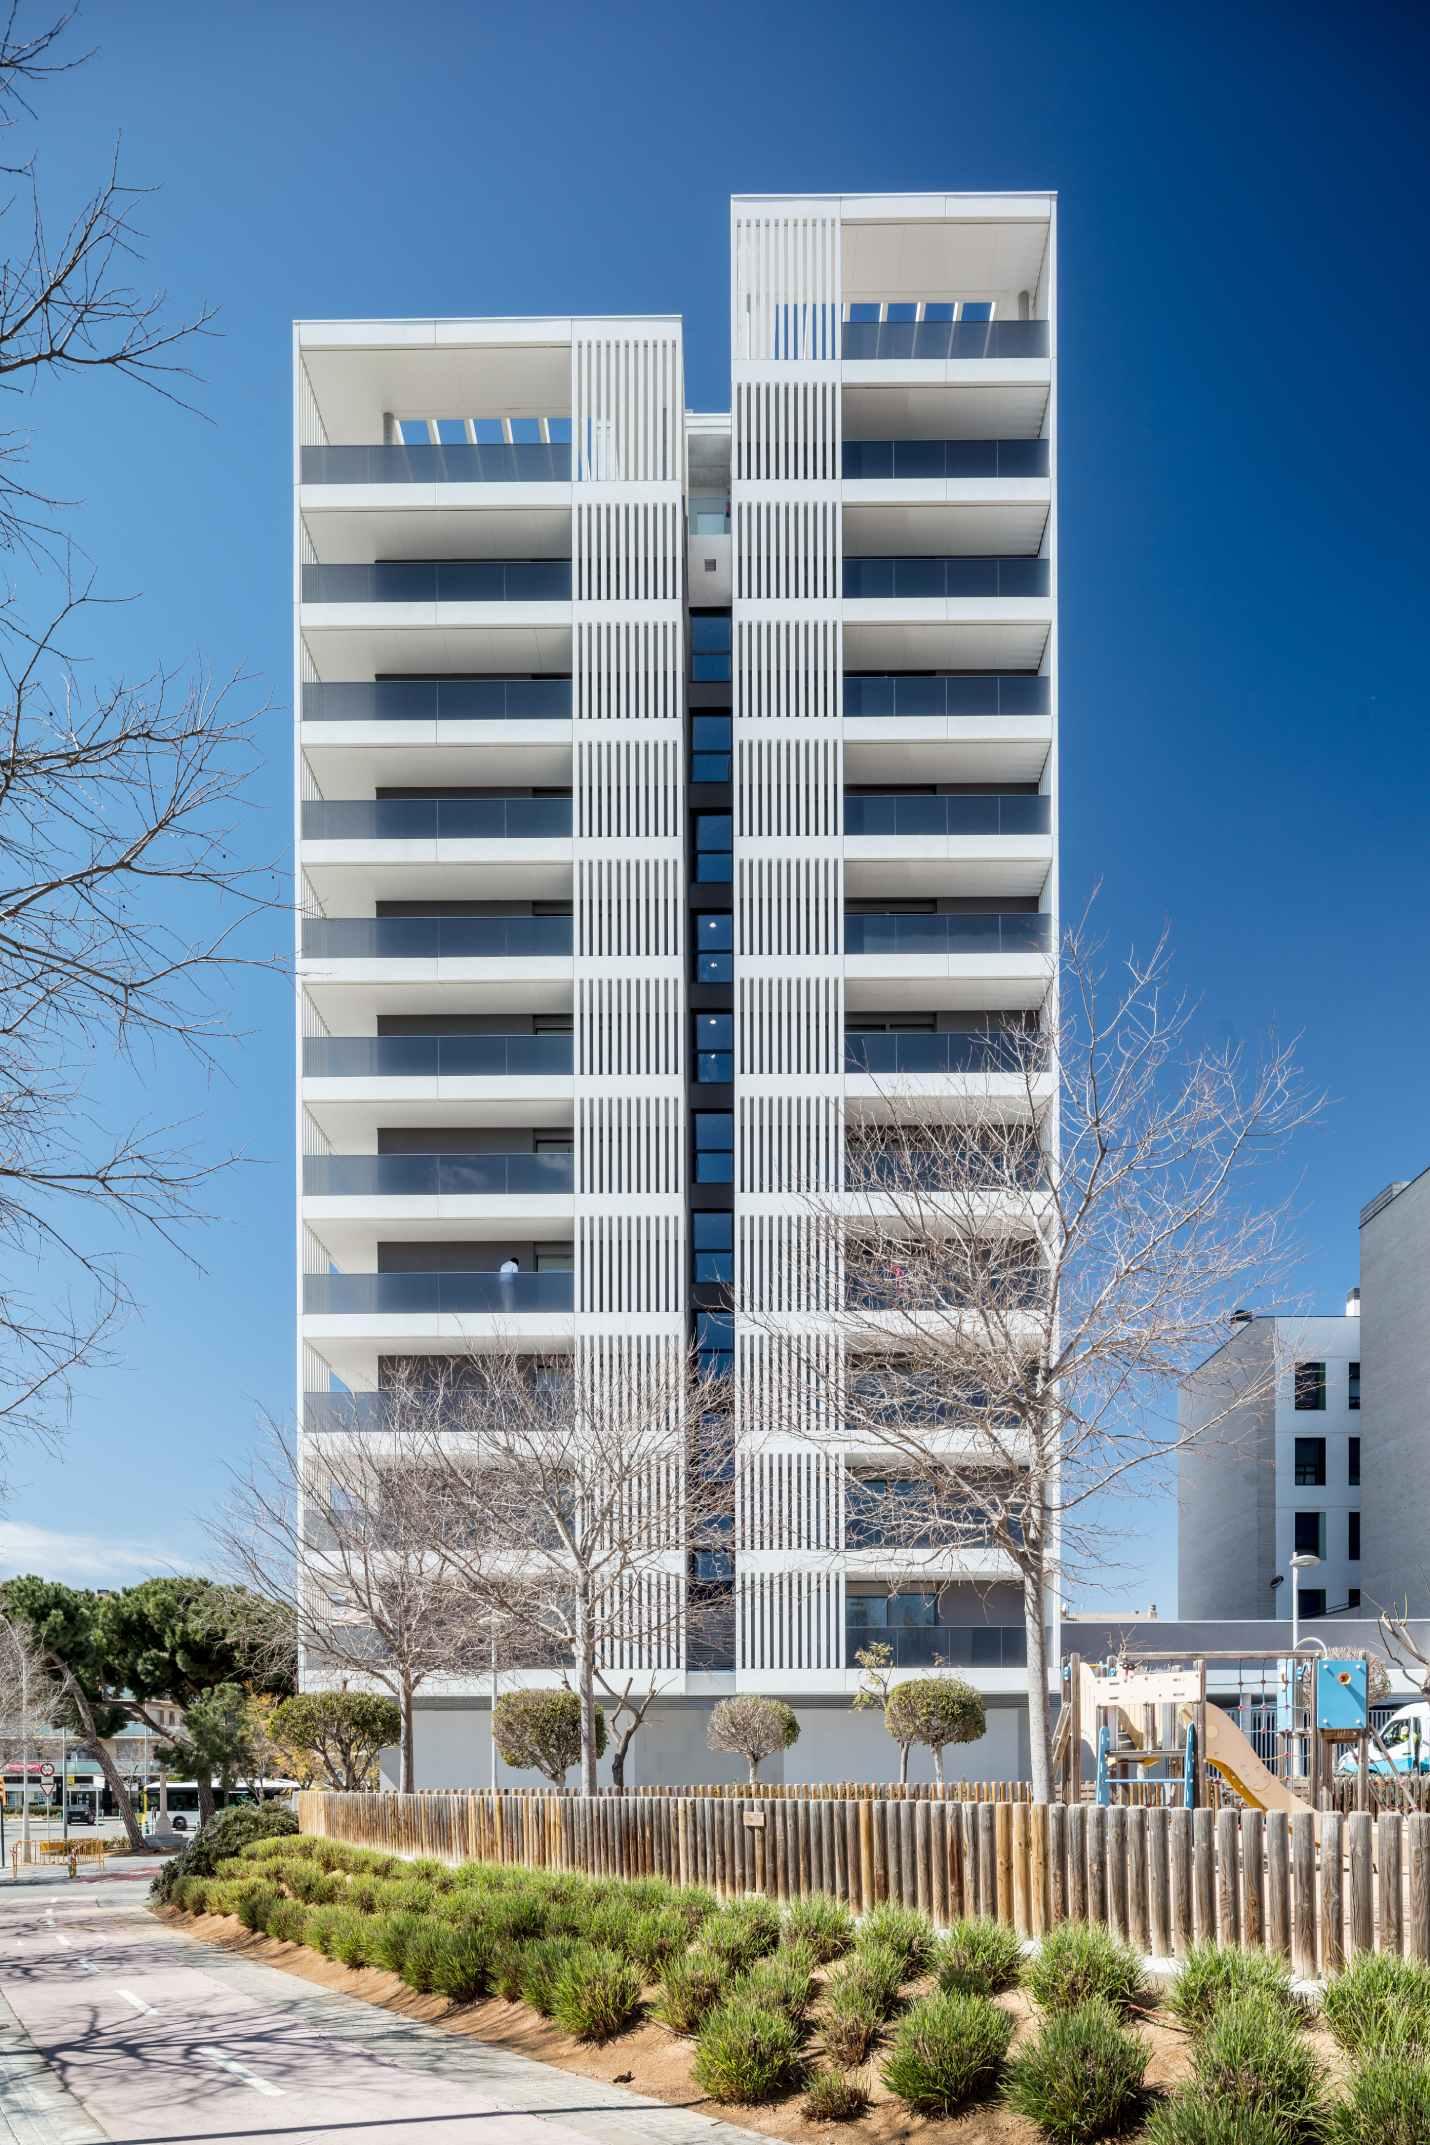 Sant Feliu Residential Tower